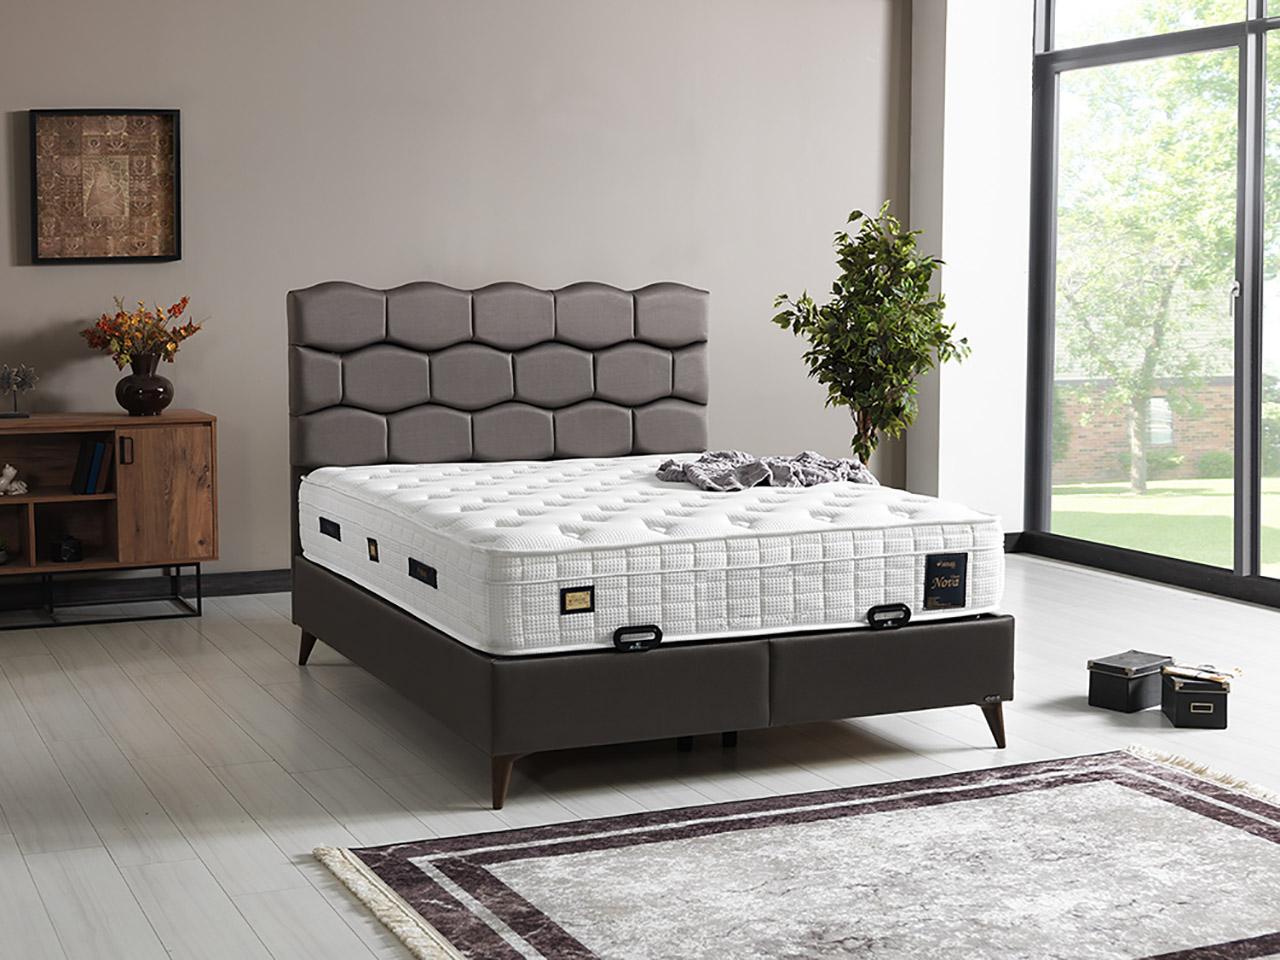 tapacirani bracni krevet sa podiznim mehanizmom i prostorom za odlaganje